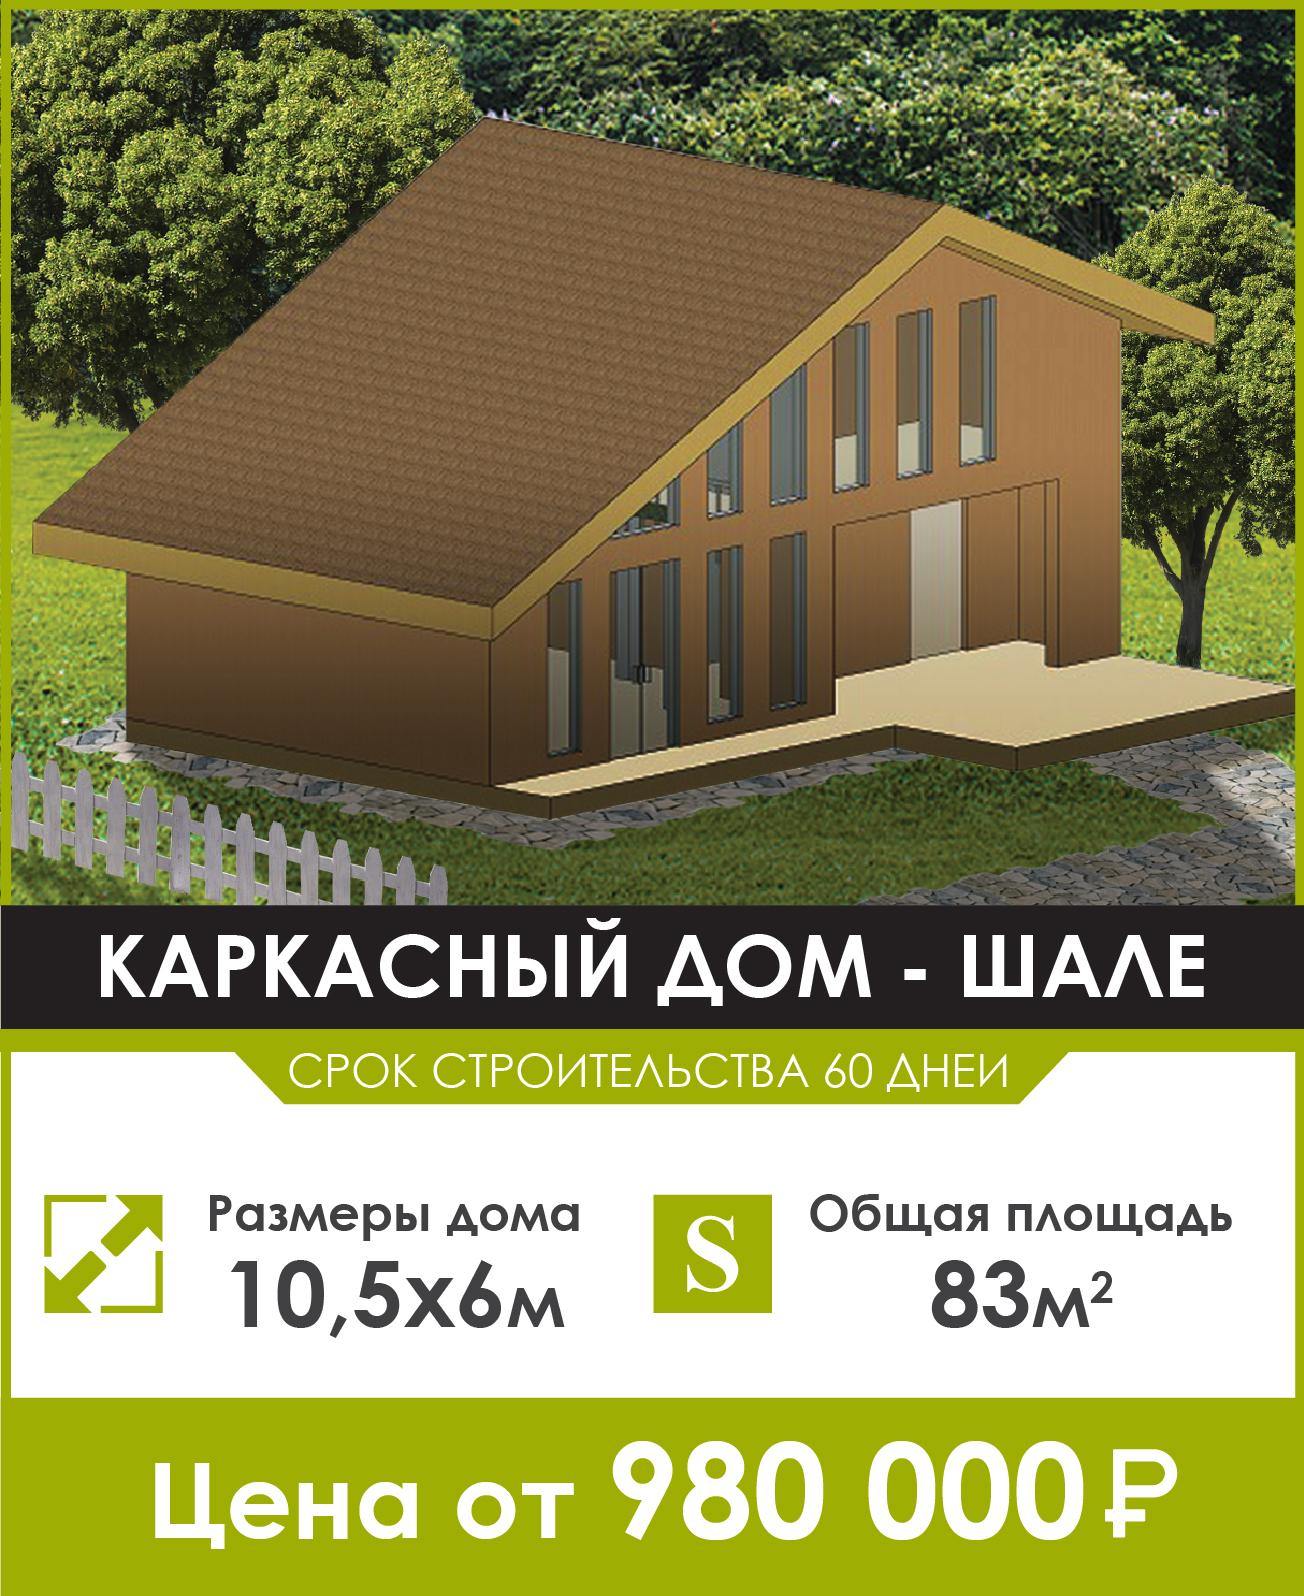 Каркасный дом - шале